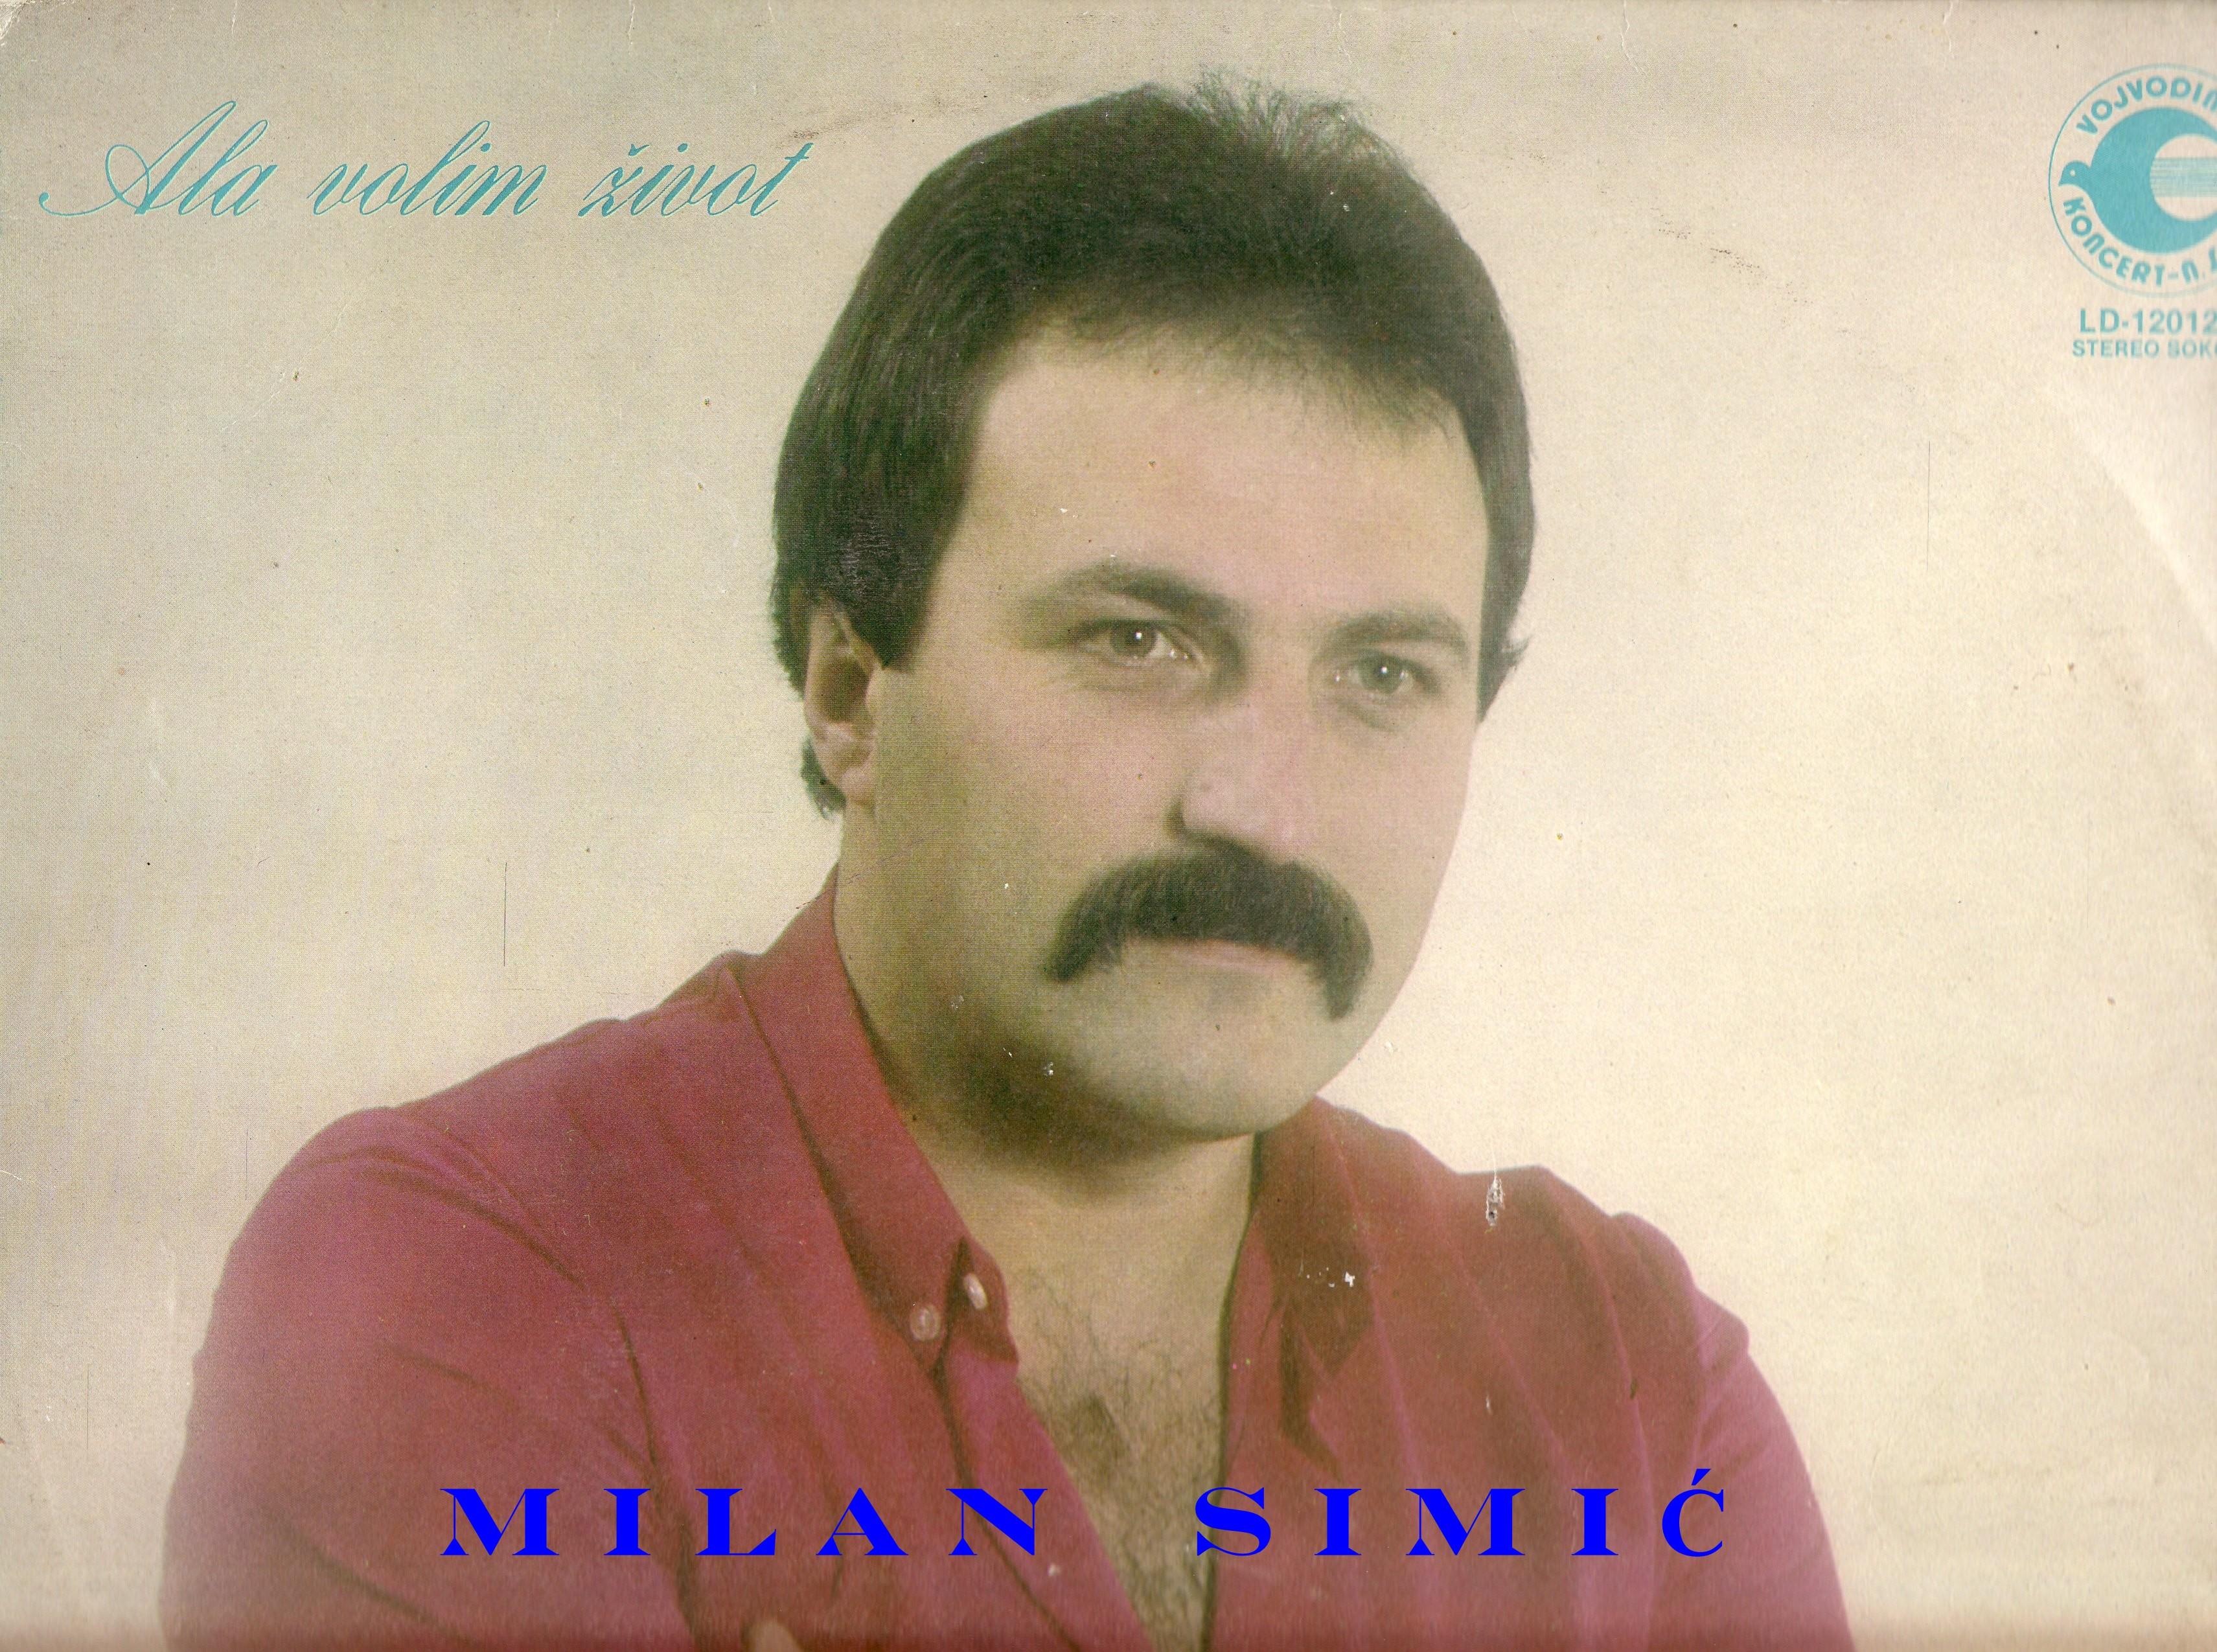 Milan Simic 1983 a